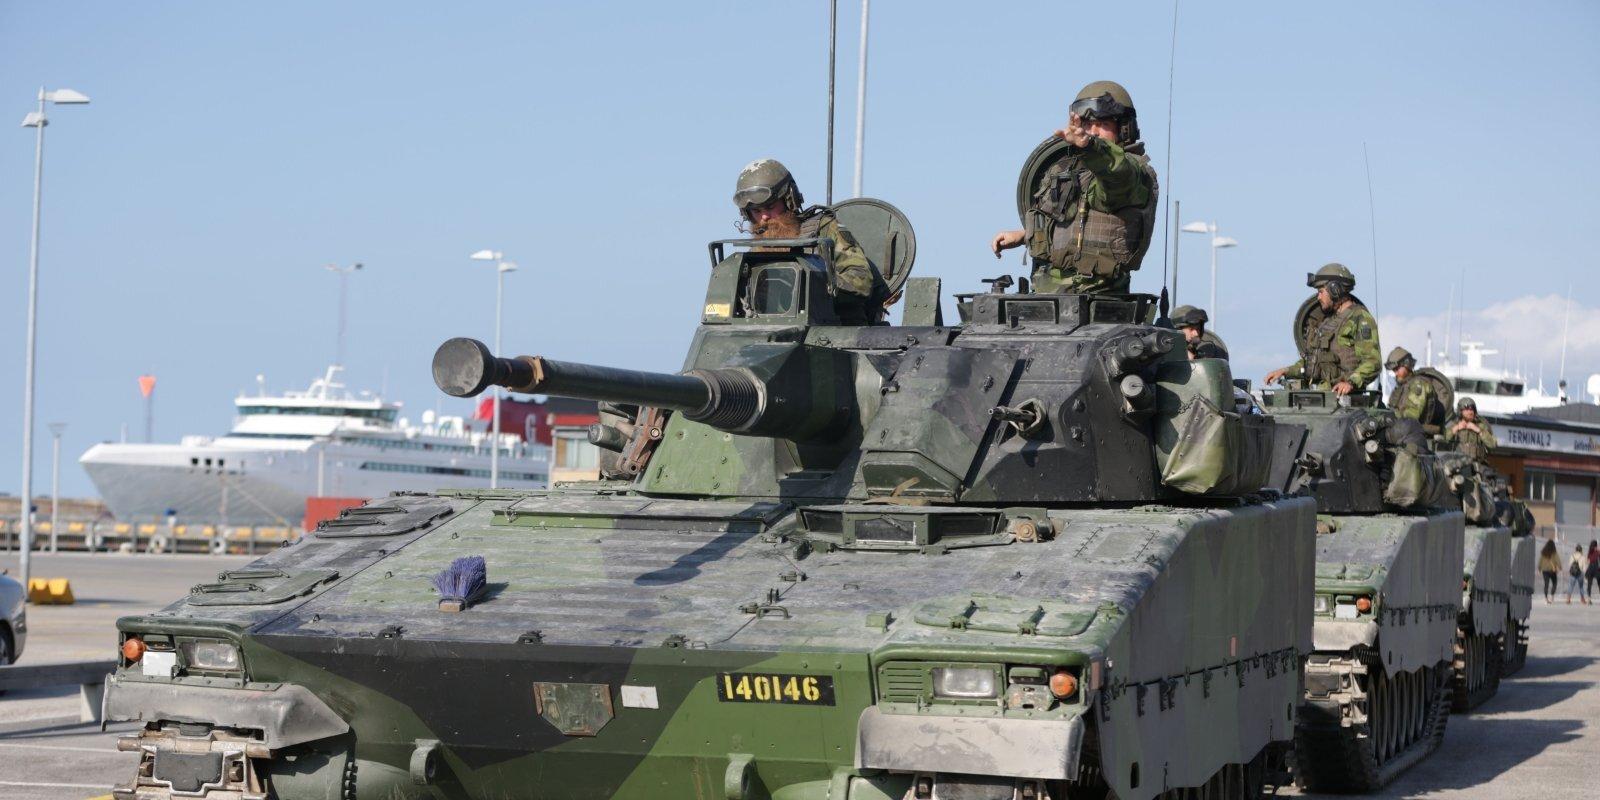 Министр обороны: безопасность острова Готланд важна для нас всех